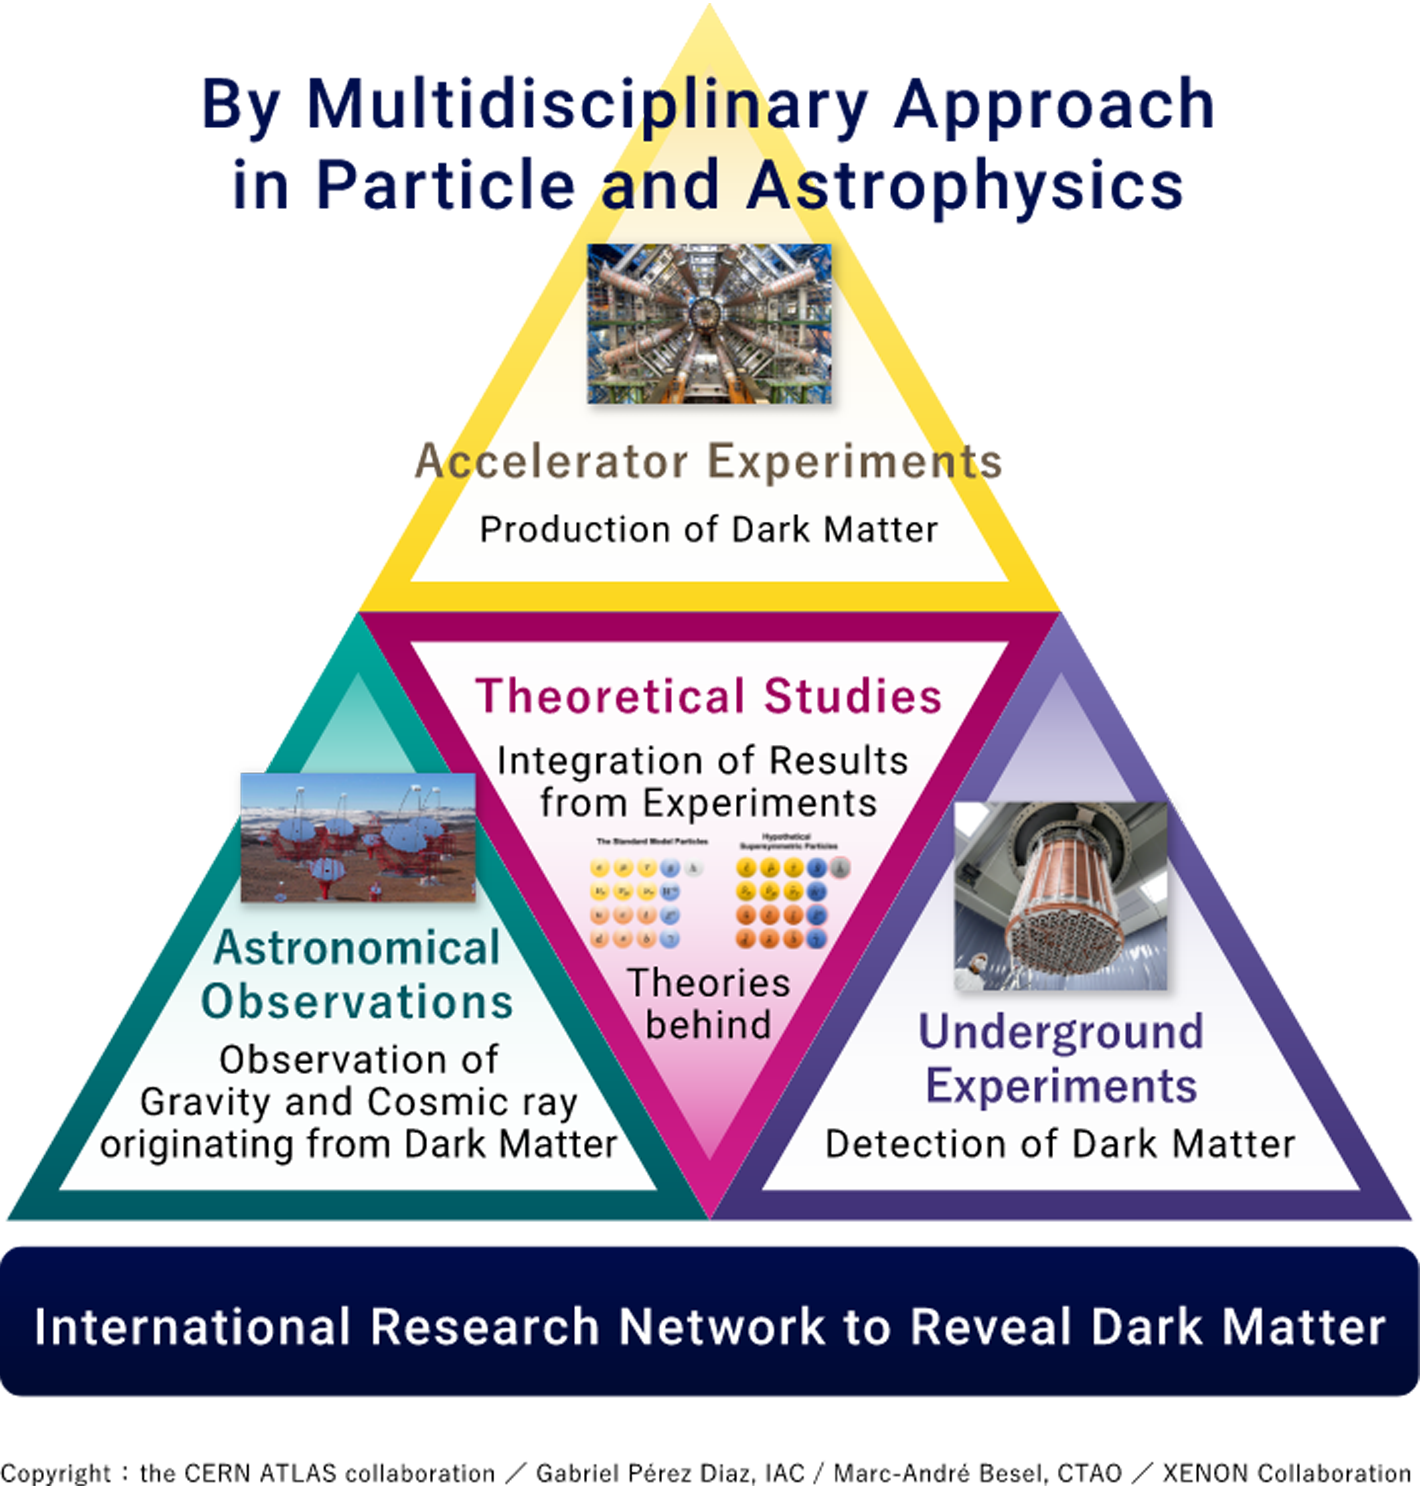 領域横断的アプローチで実現 暗黒物質研究のための研究拠点